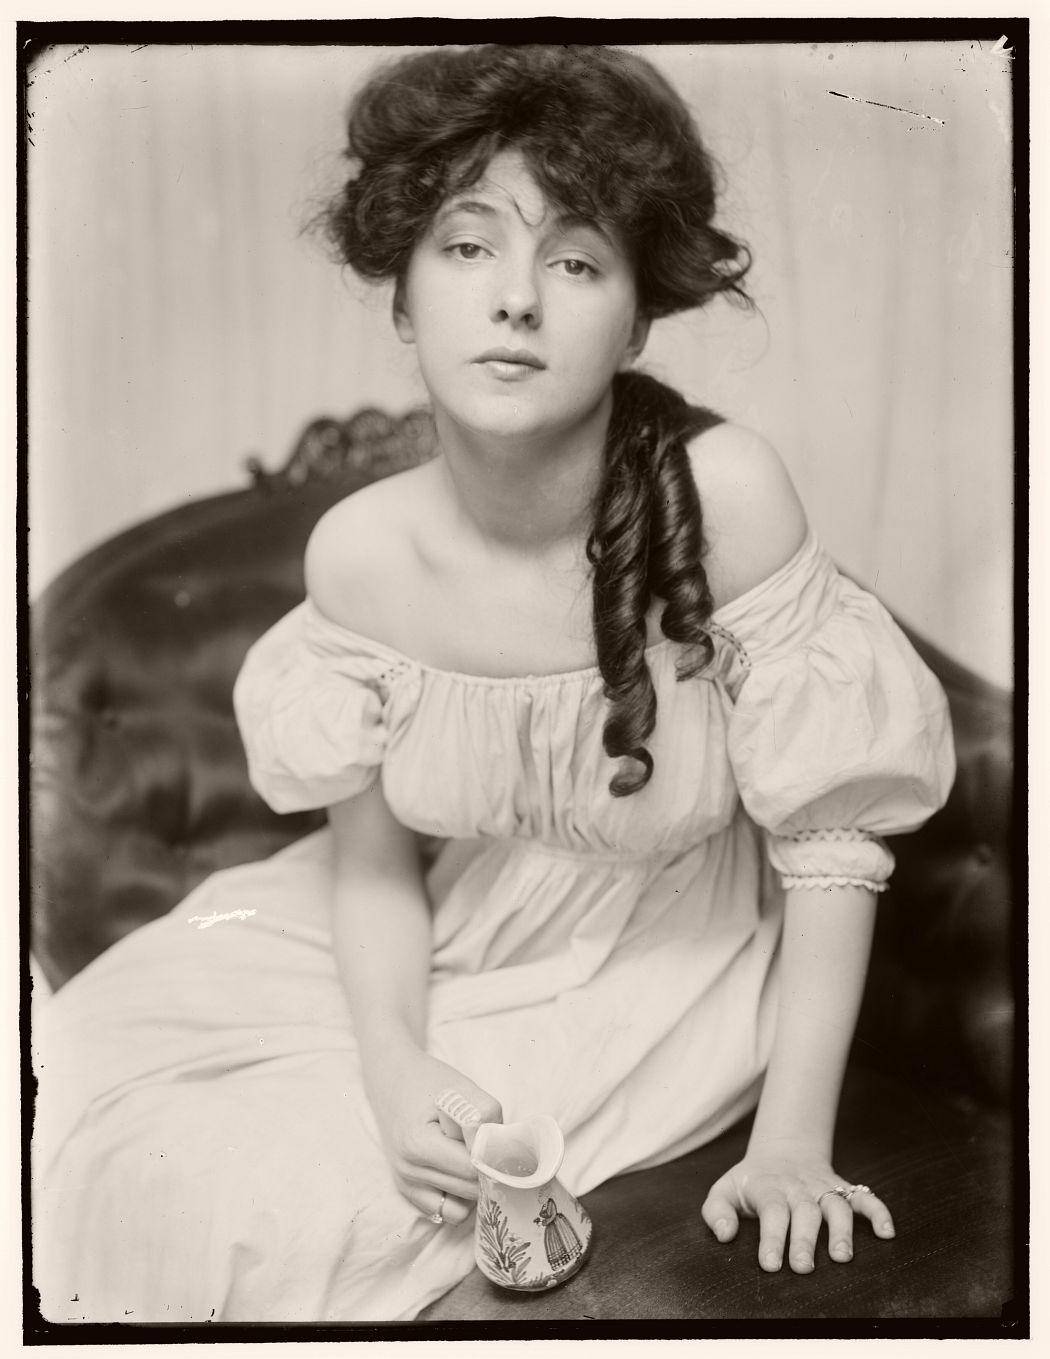 Miss N (Portrait of Evelyn Nesbit), 1903 by Gertrude Käsebier